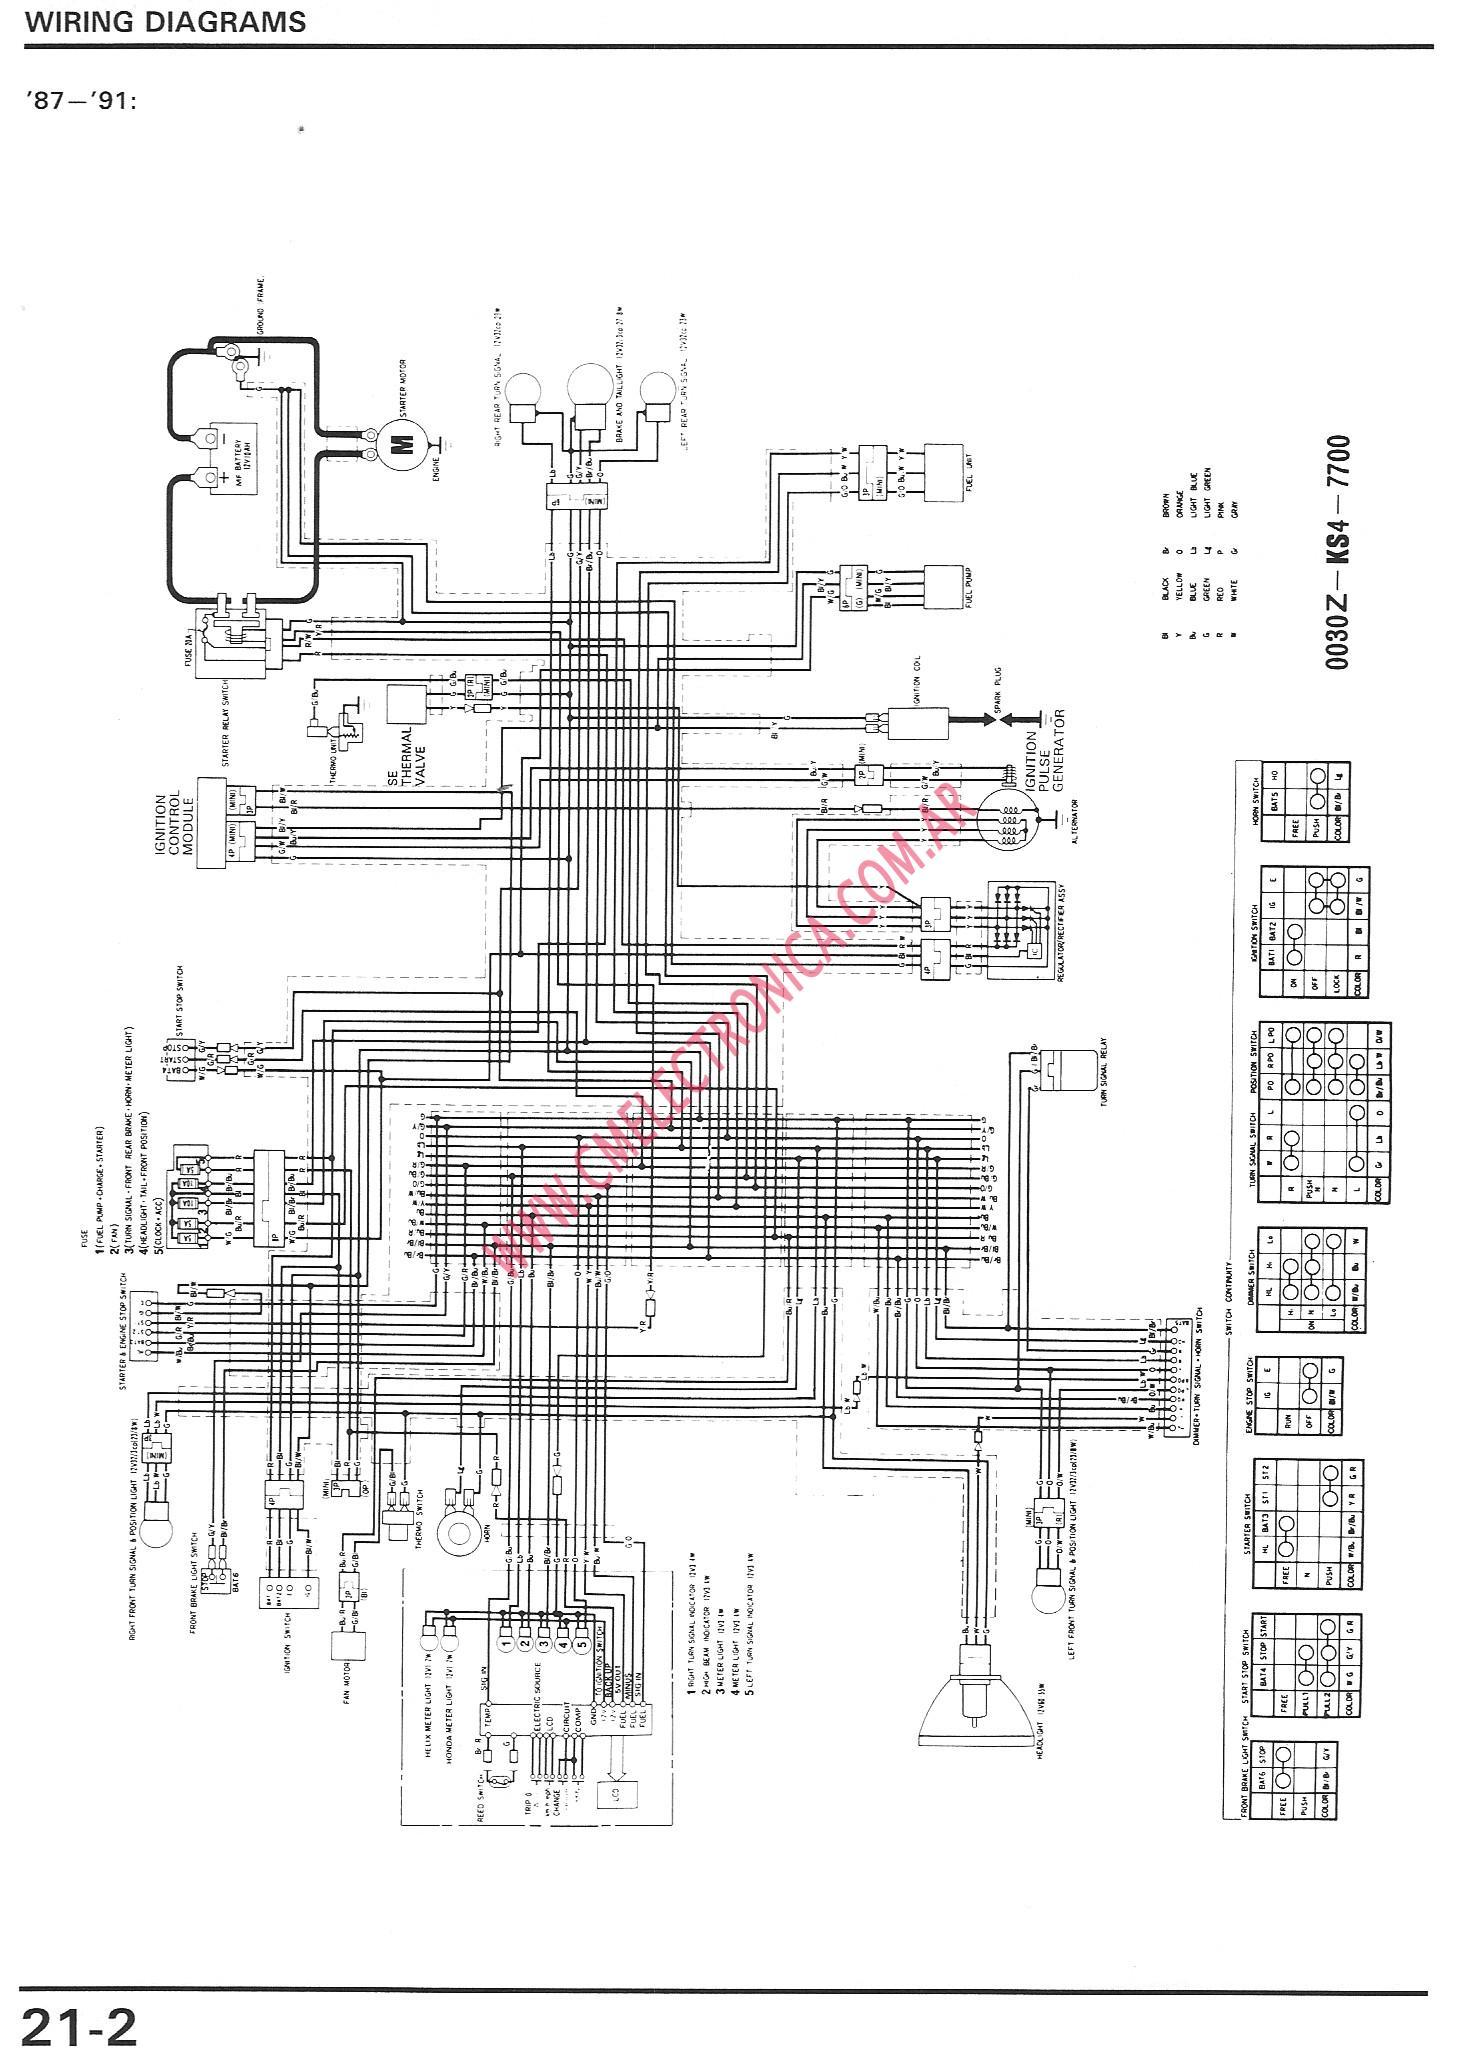 honda 250 wiring diagram